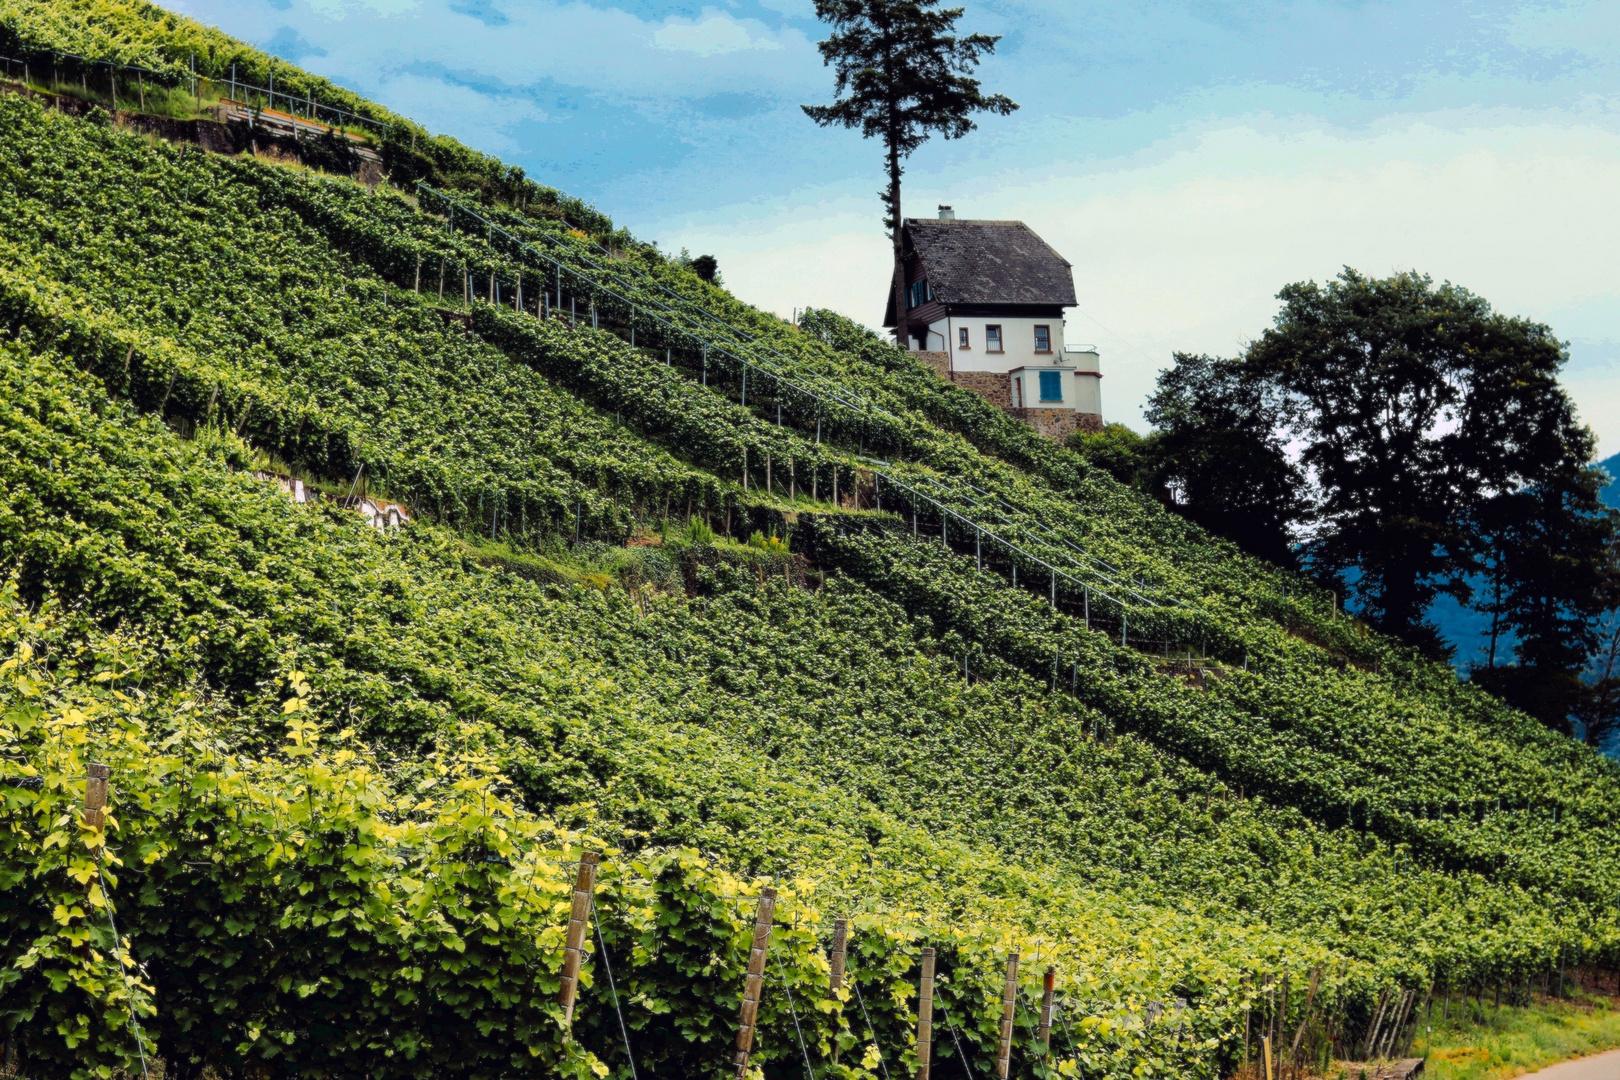 Weinberg in Emmendingen